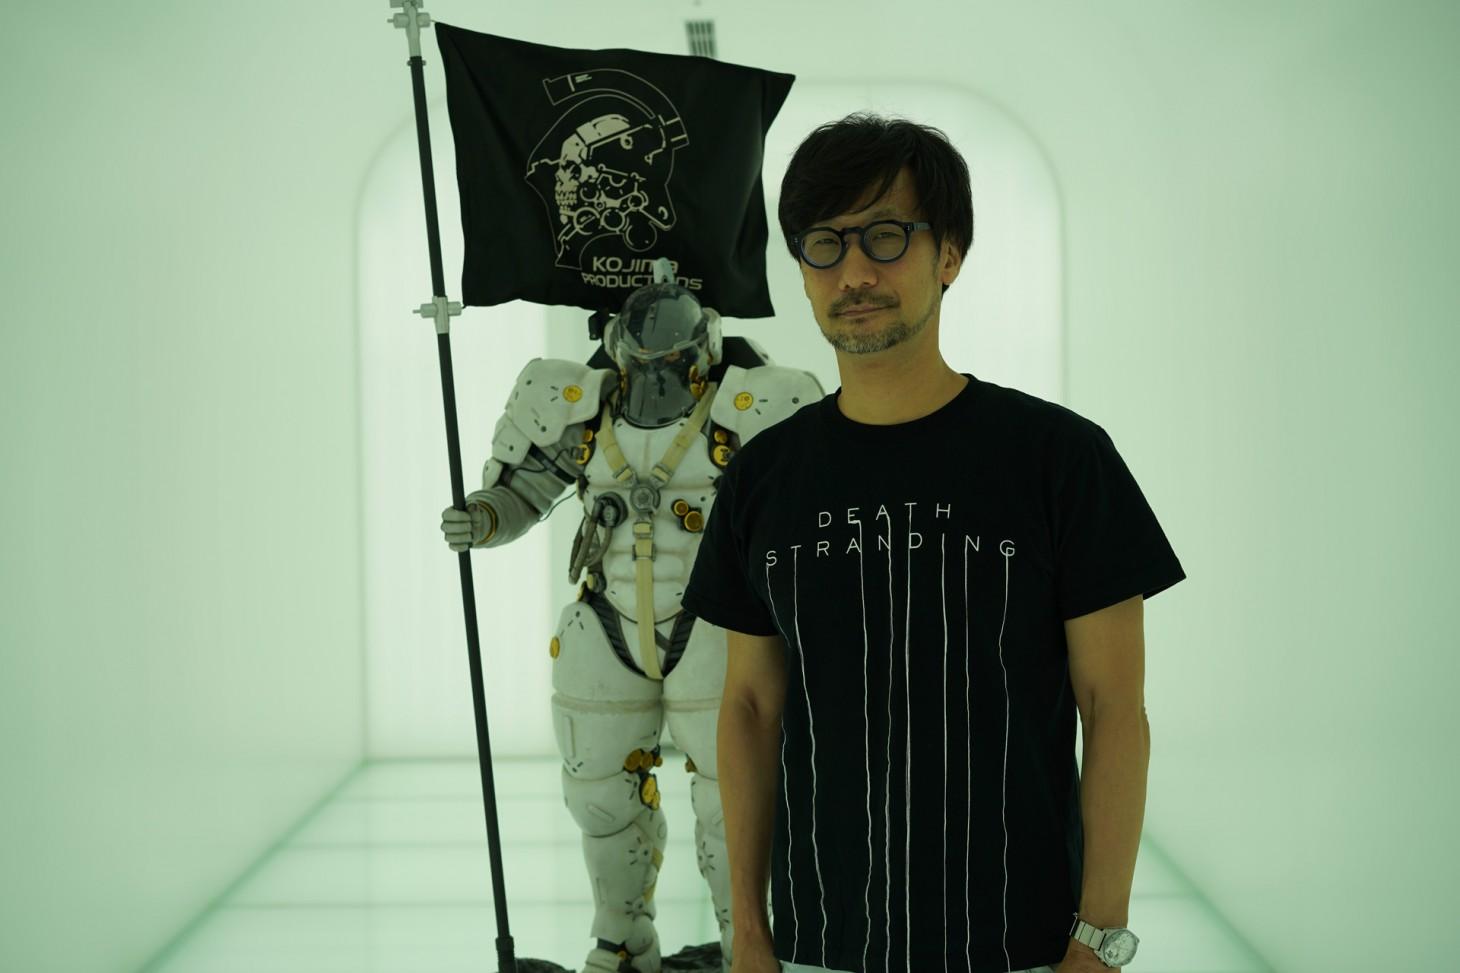 小島秀夫對VR技術很有興趣 但目前實在是沒時間